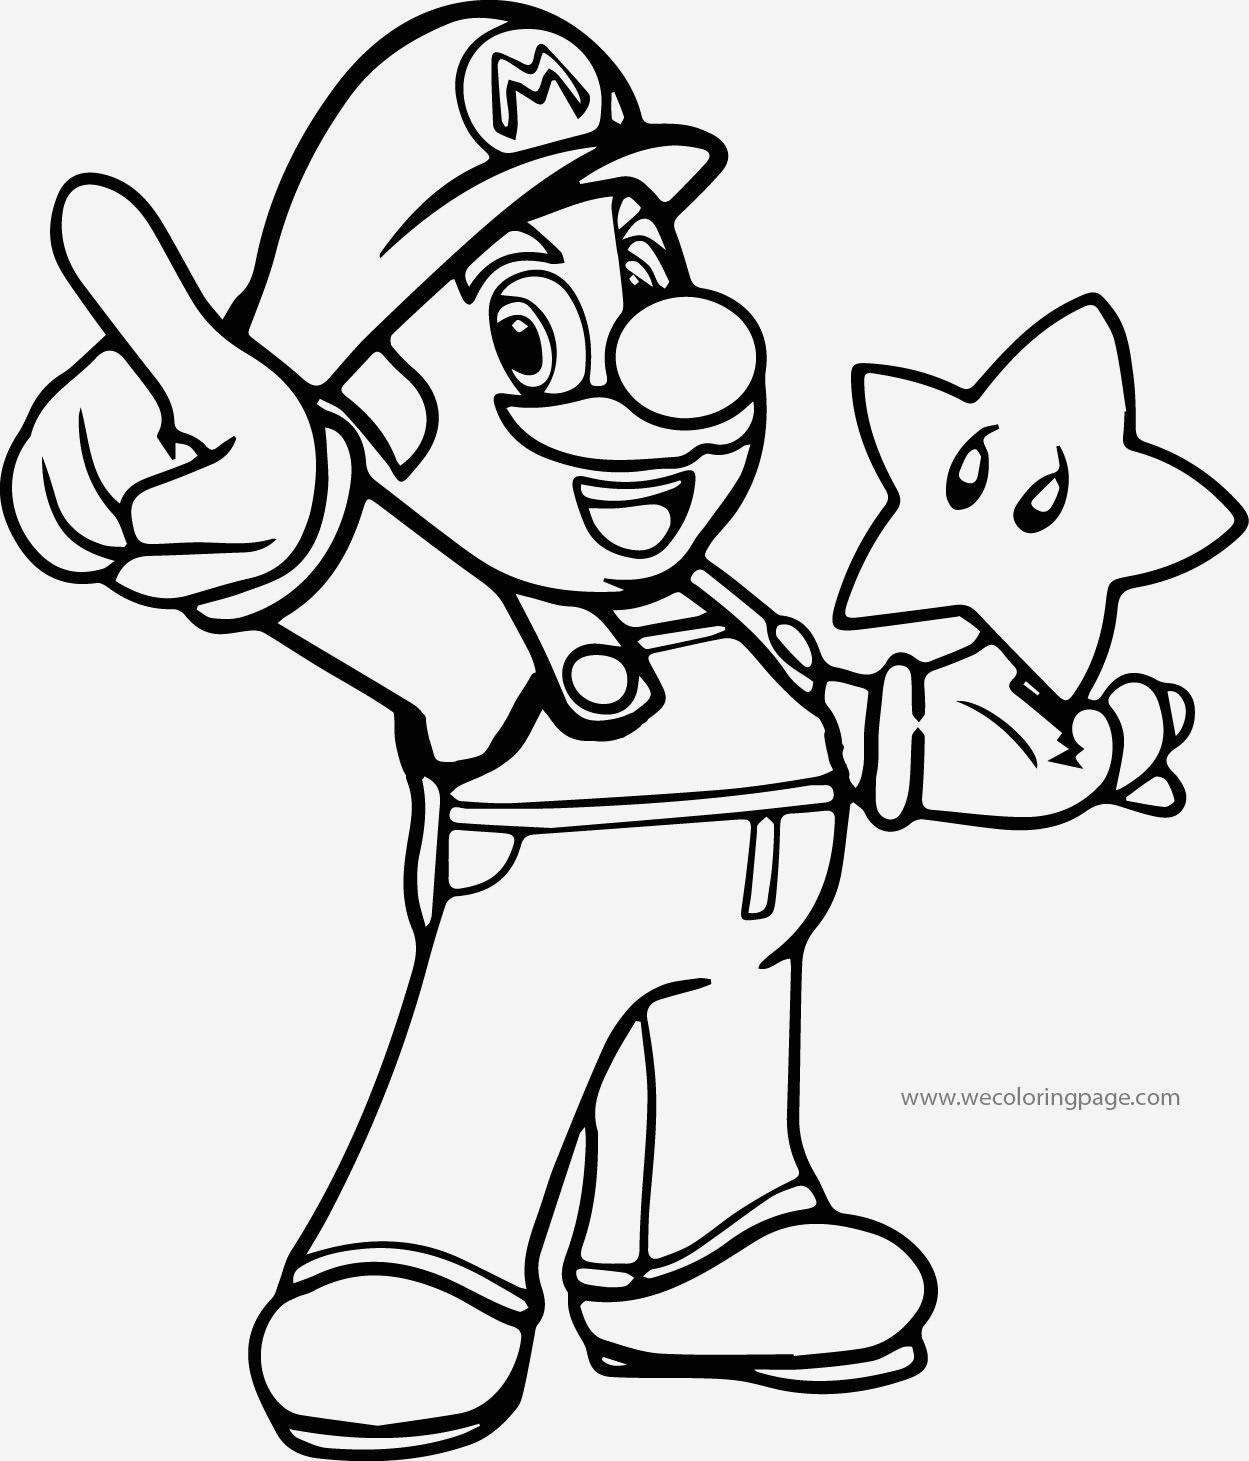 Super Mario Ausmalbilder Einzigartig Spannende Coloring Bilder Super Mario Malvorlagen Sammlung